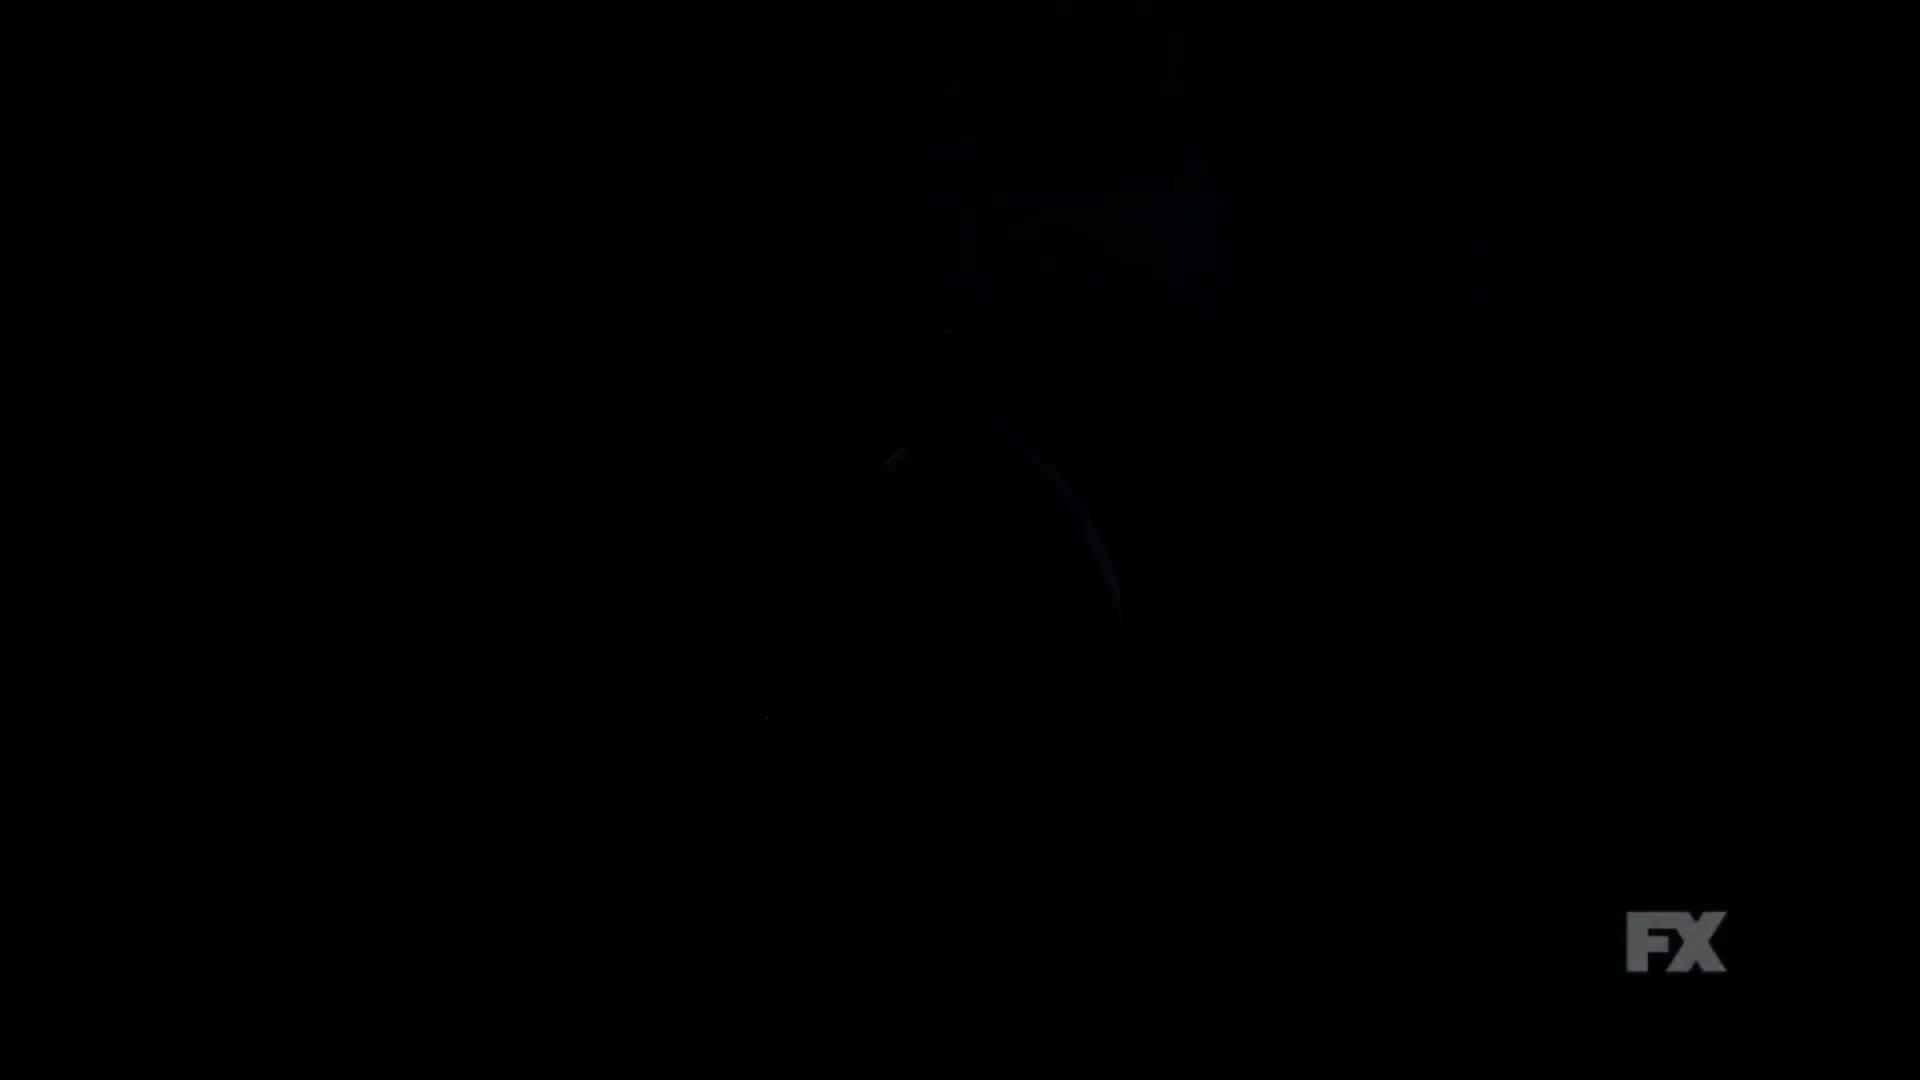 Series phim kinh dị American Horror Story mùa 8 tung teaser trailer đầu tiên ảnh 5